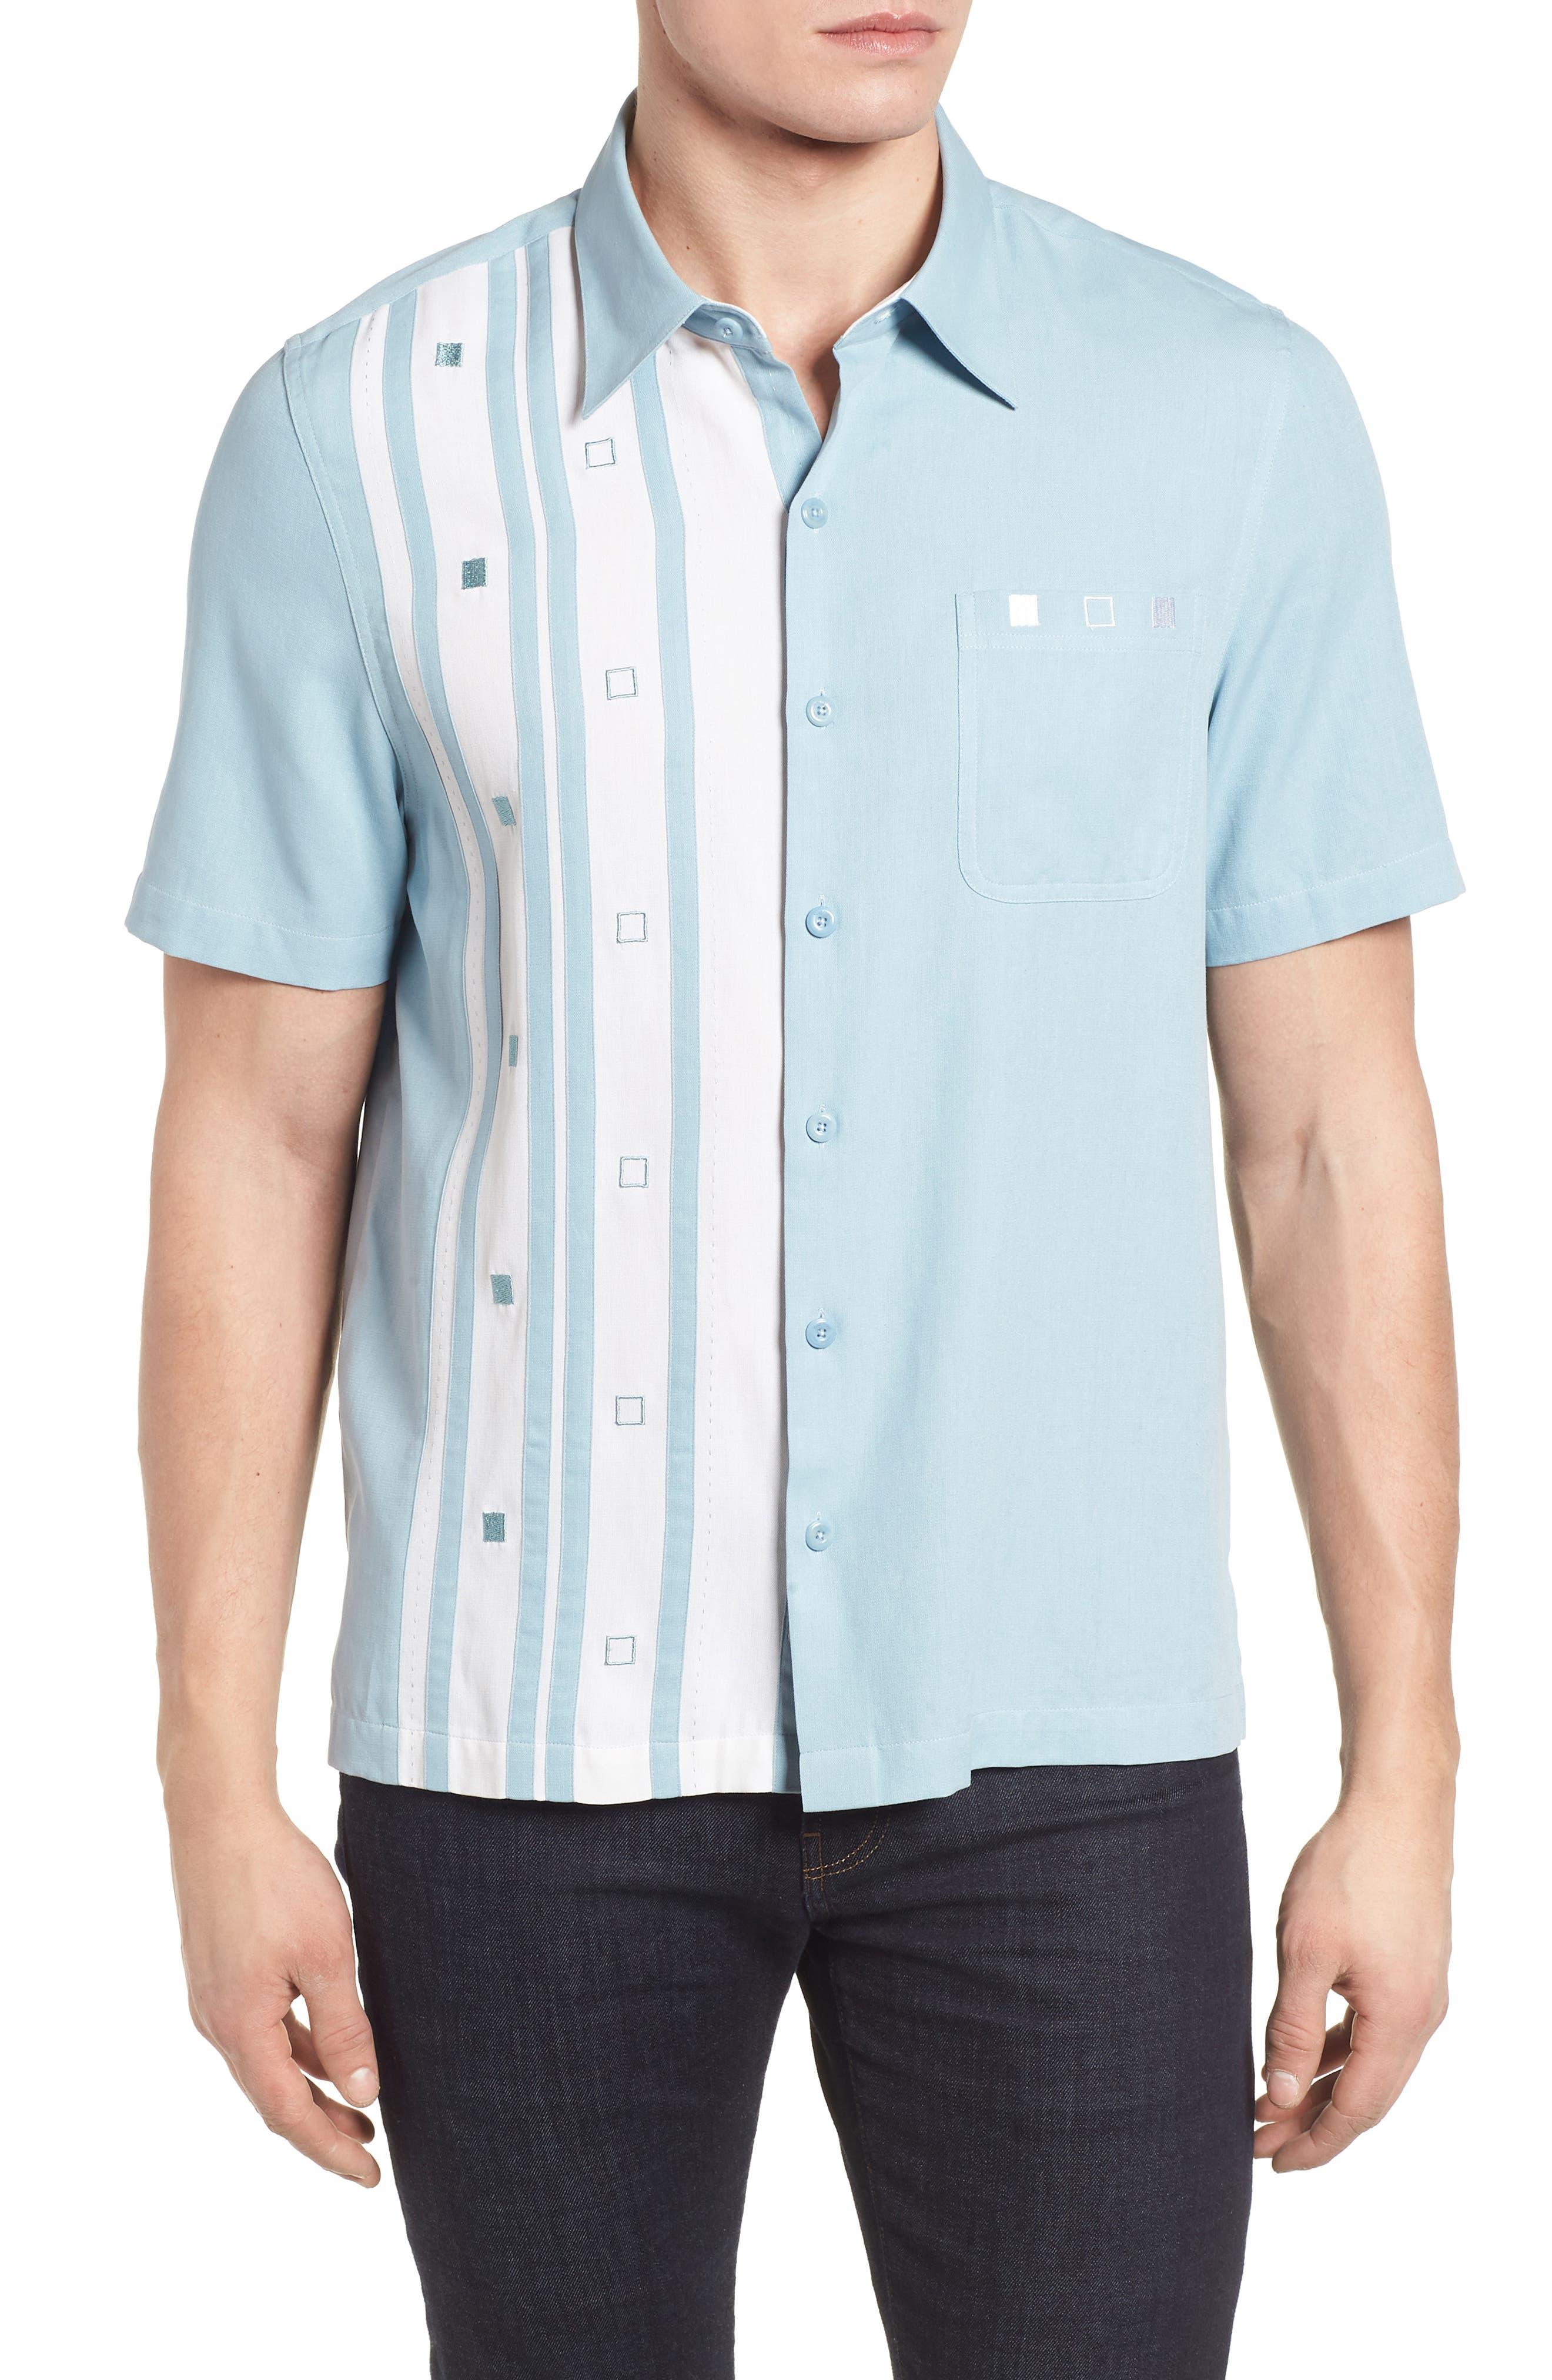 Retromod Camp Shirt,                         Main,                         color, Niagra Blue